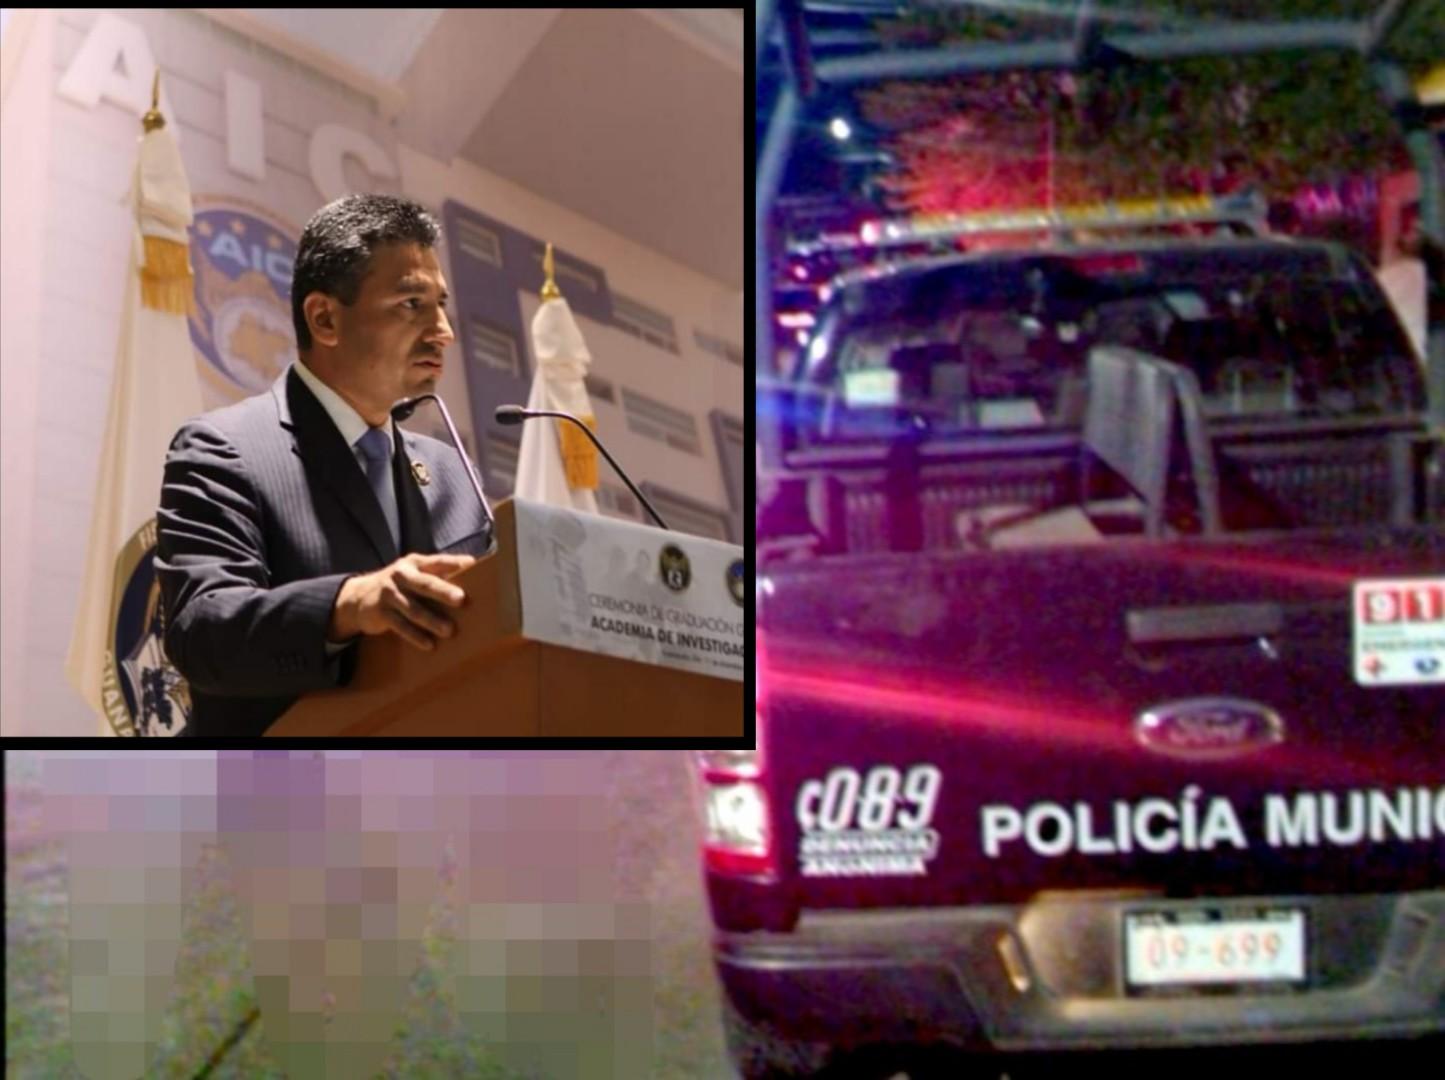 LIBERAN A POLICÍA DE IRAPUATO Y SU HIJO, FALTA UNO, CONFIRMÓ EL FISCAL CARLOS ZAMARRIPA 2